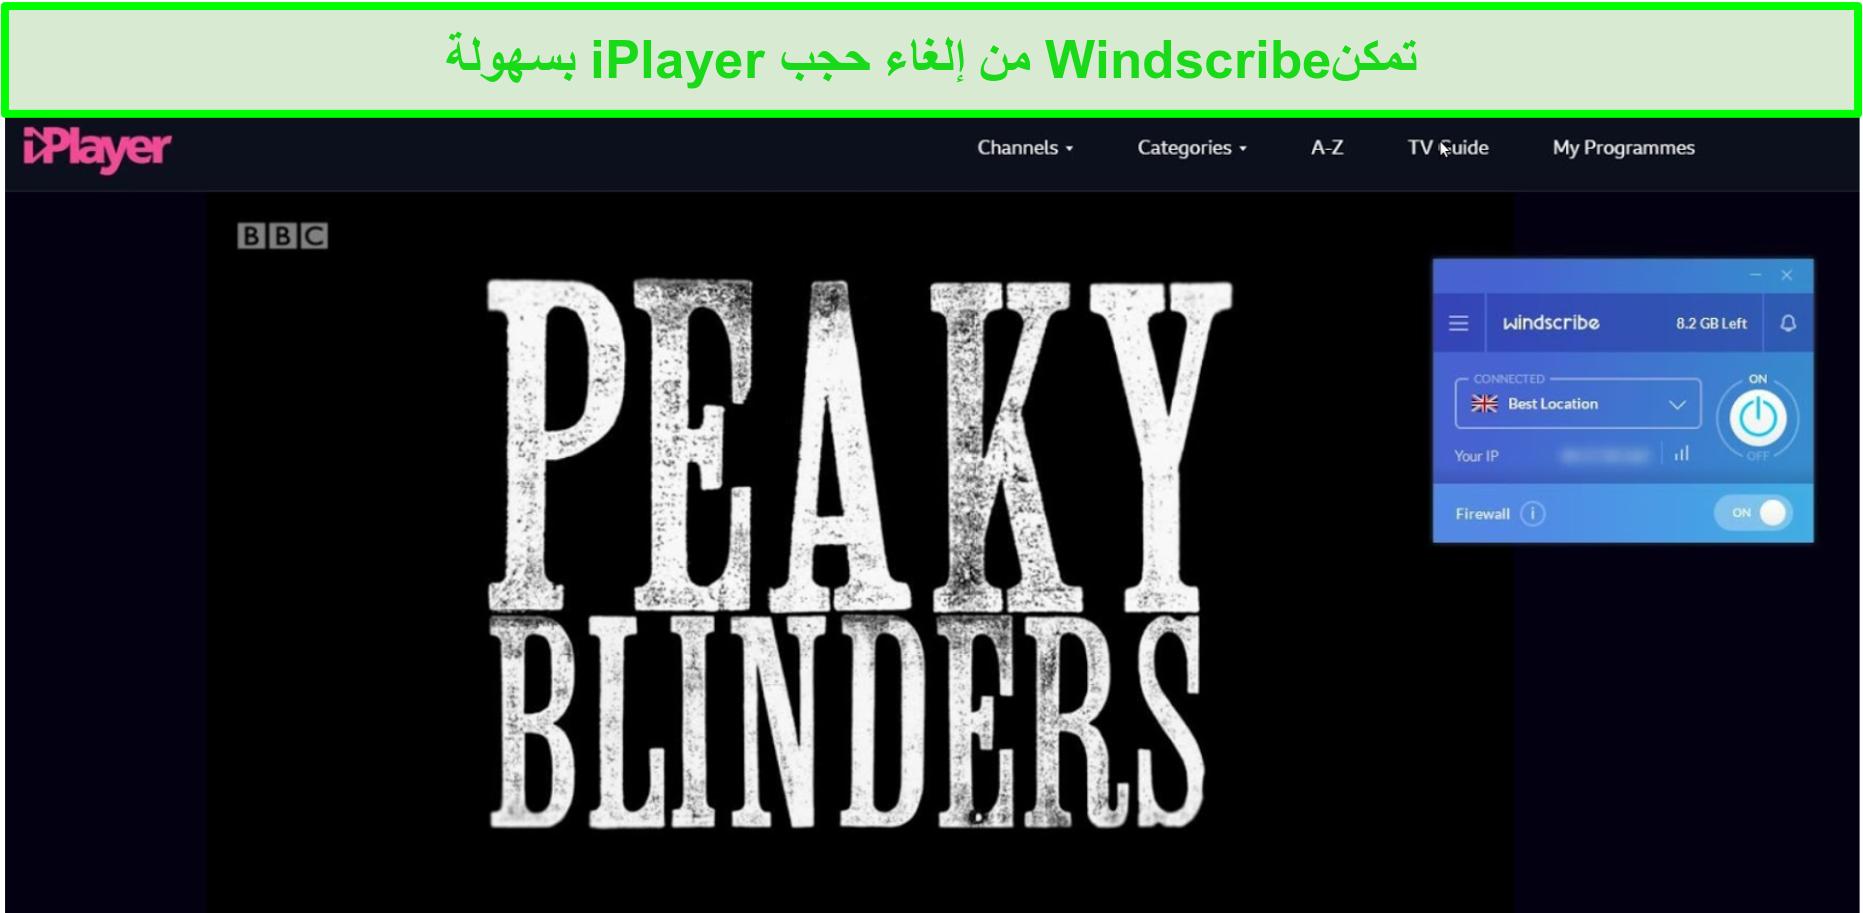 تظهر لقطة الشاشة القدرة على مشاهدة بي بي سي مع Windscribe